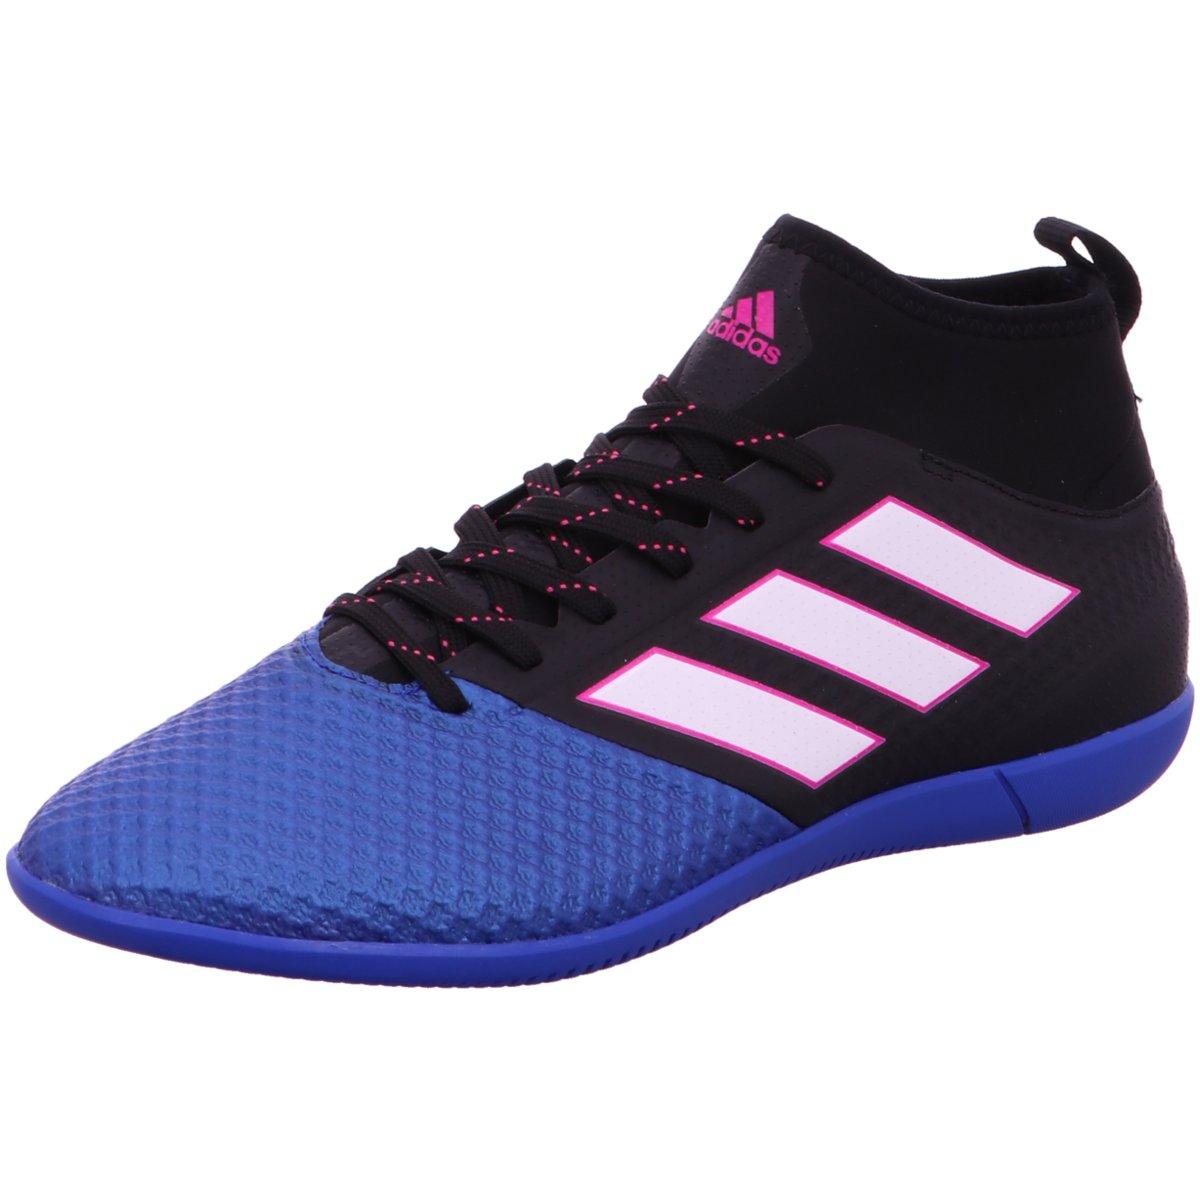 adidas Herren Sportschuhe Ace 17.3 Primemesh IN Herren Fußball Hallenschuhe